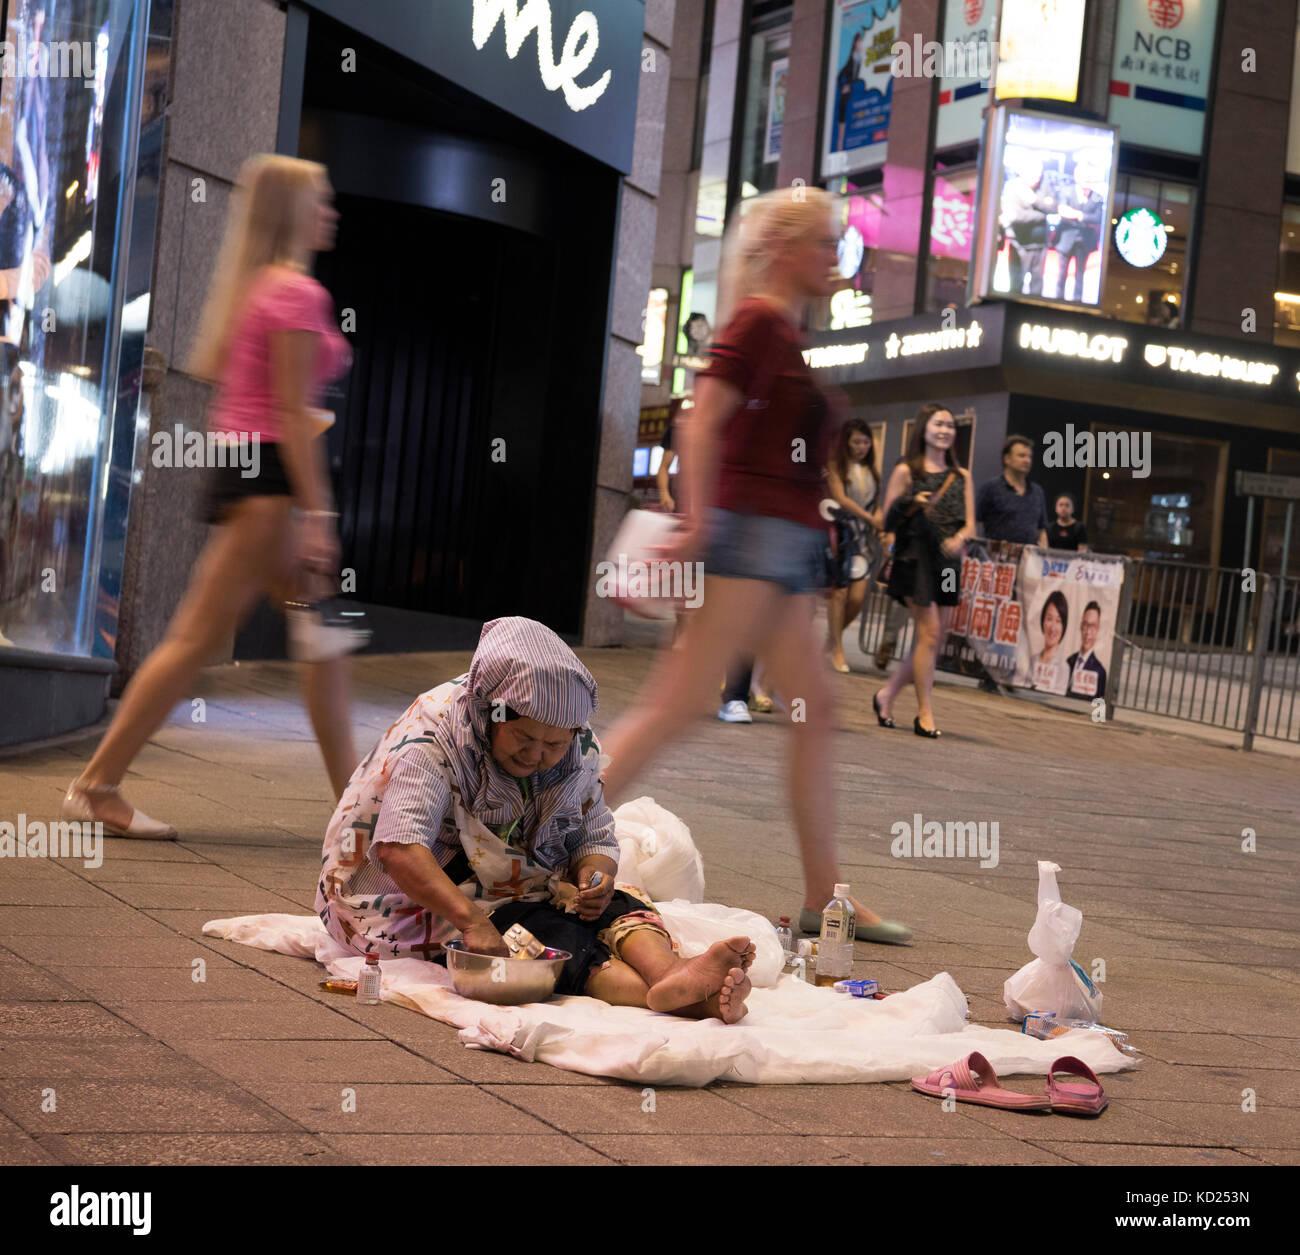 La pobreza y las personas sin hogar, Hong Kong, China. Imagen De Stock